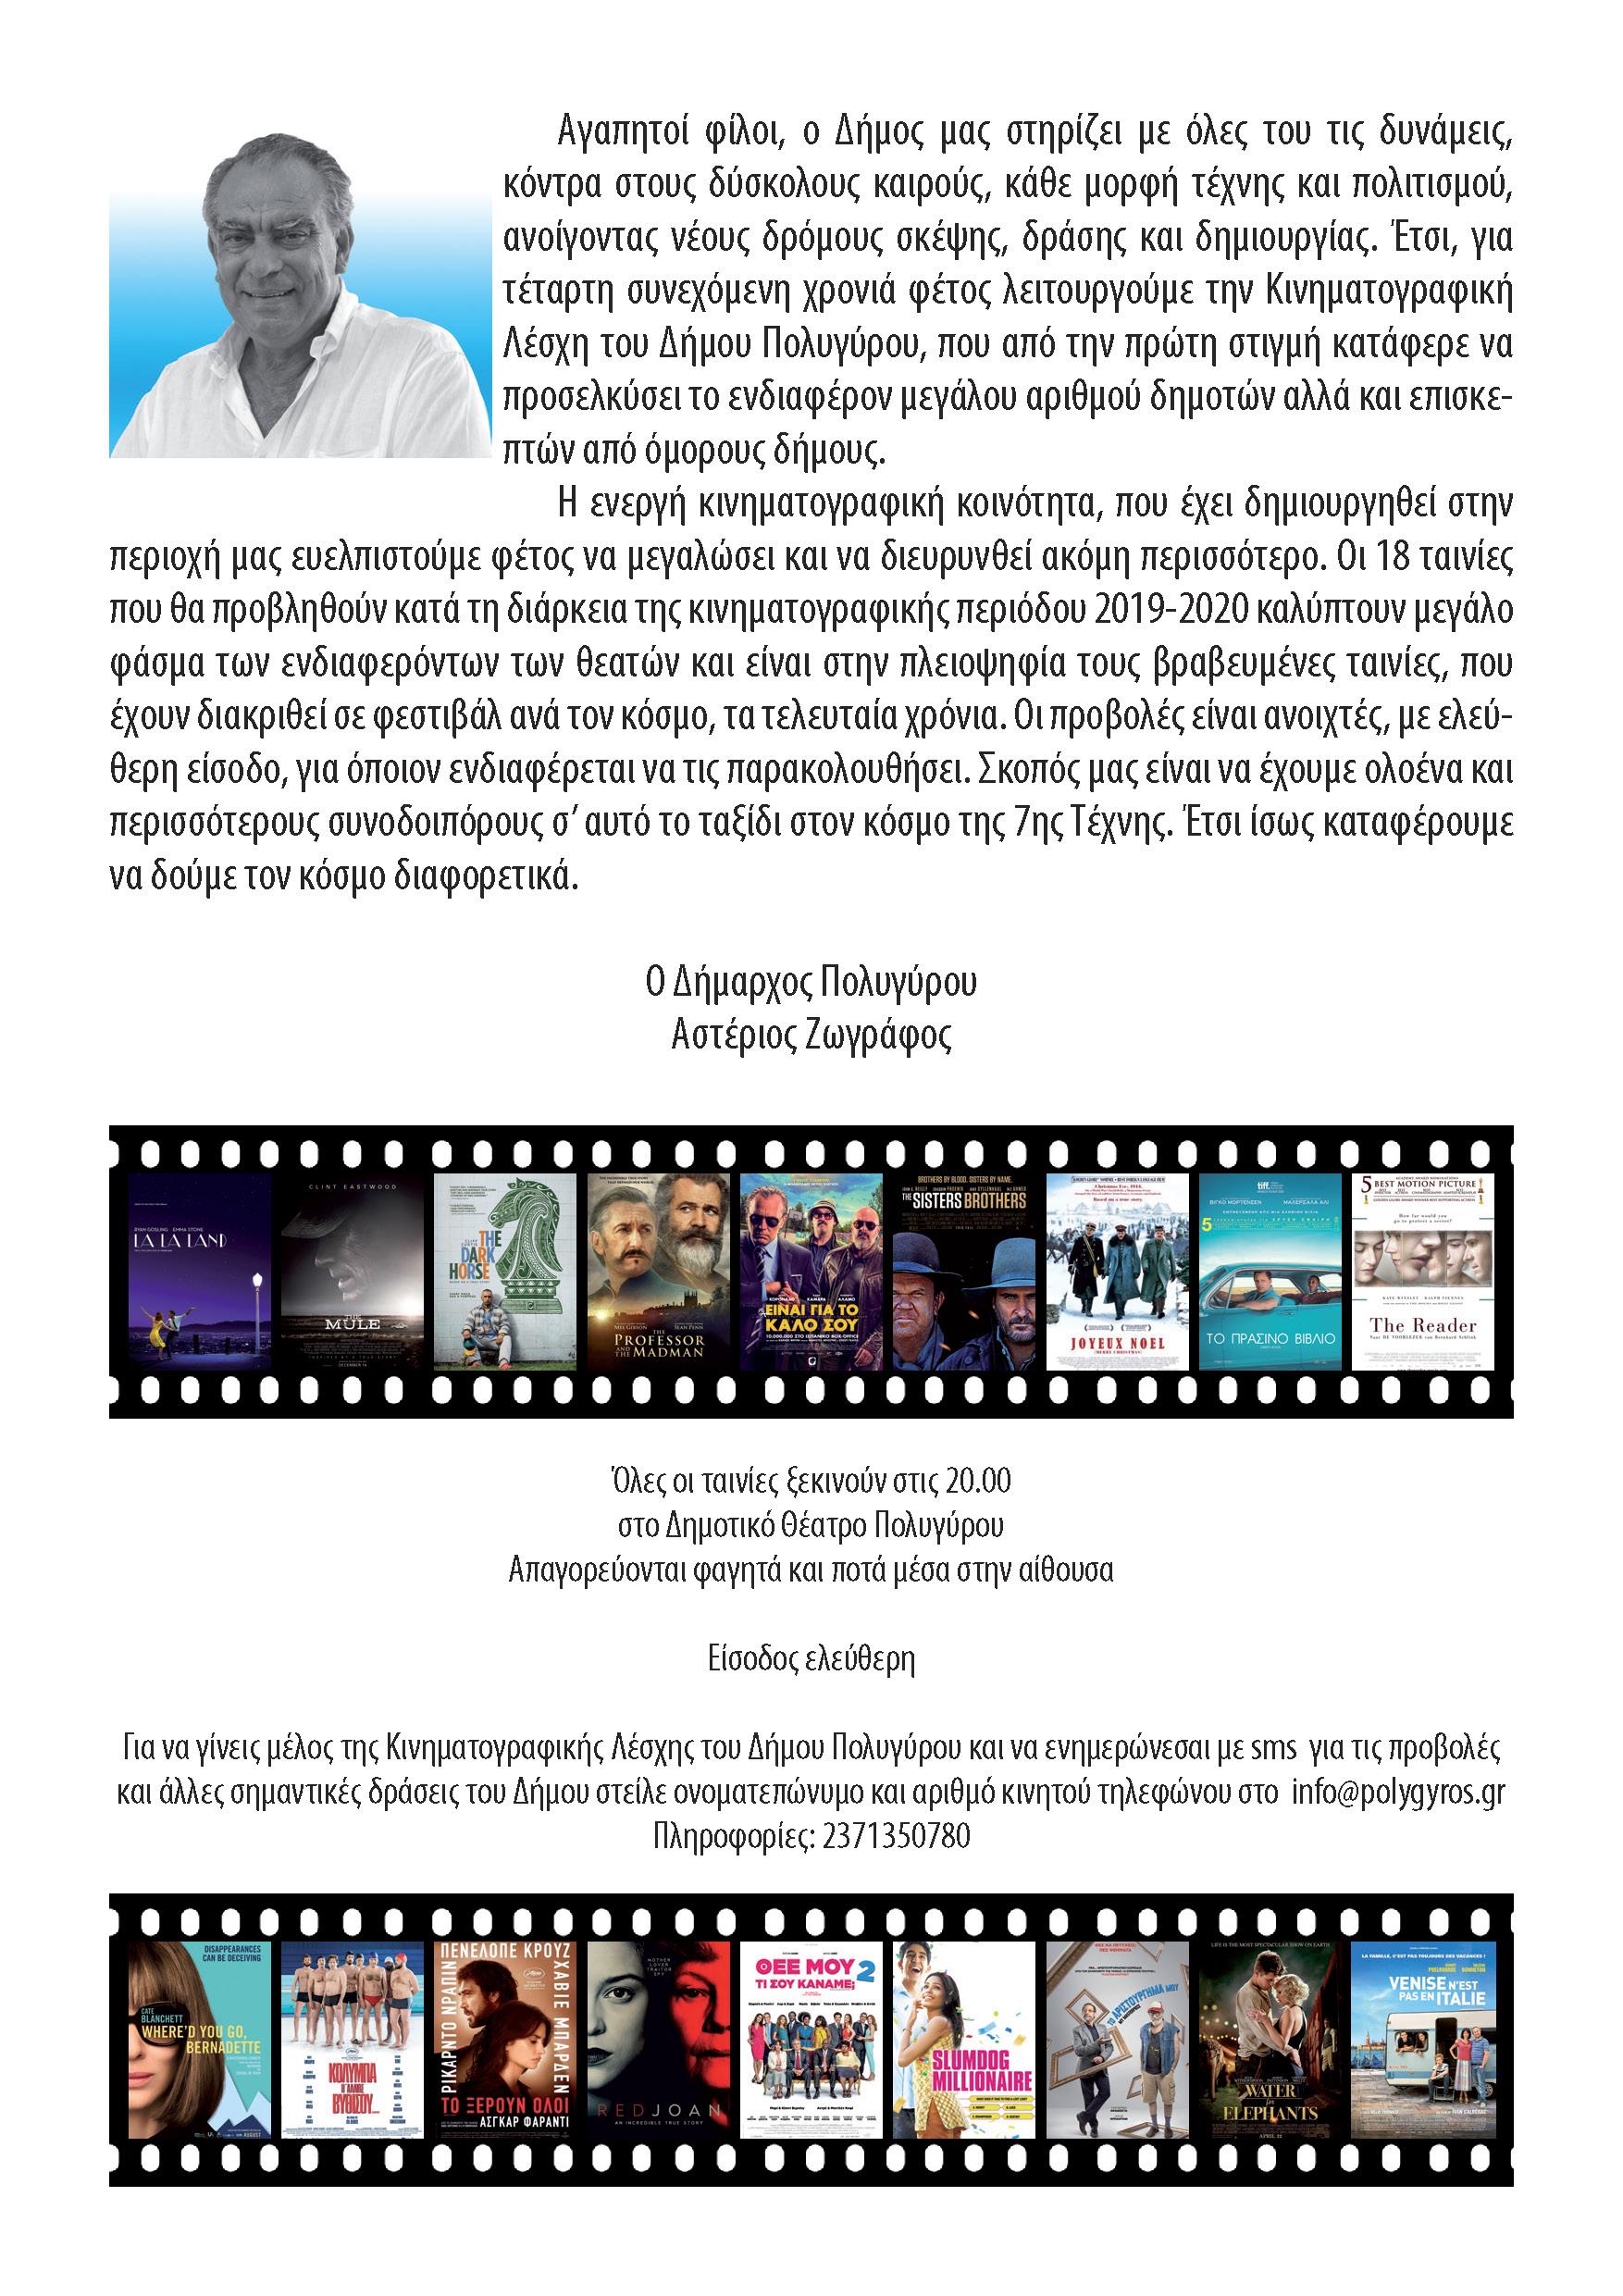 progr 2019 2020 Page 2